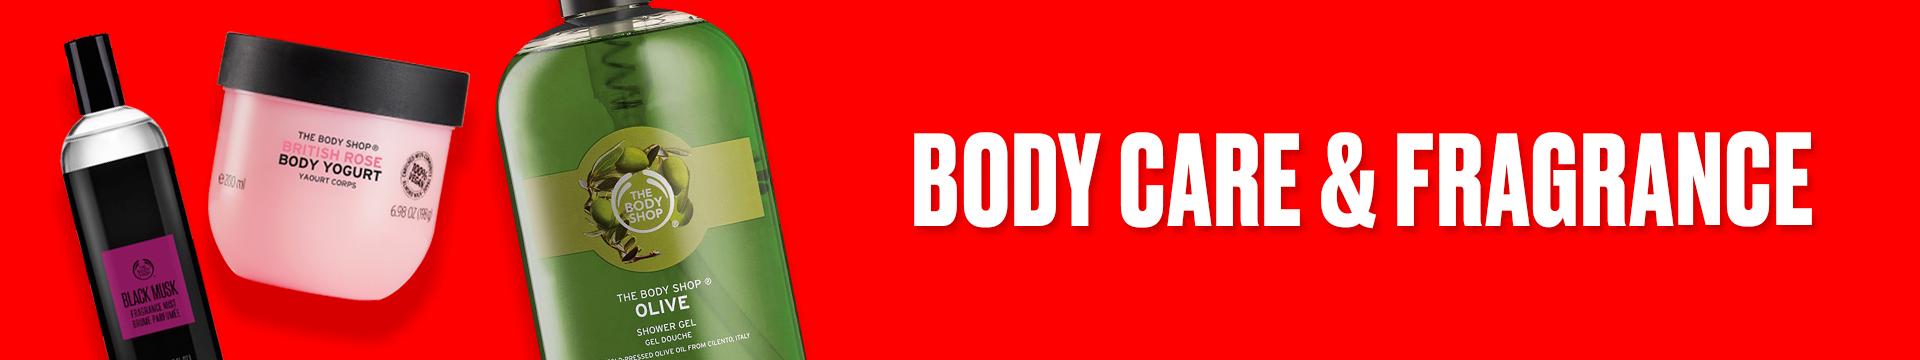 Body Care & Fragrance